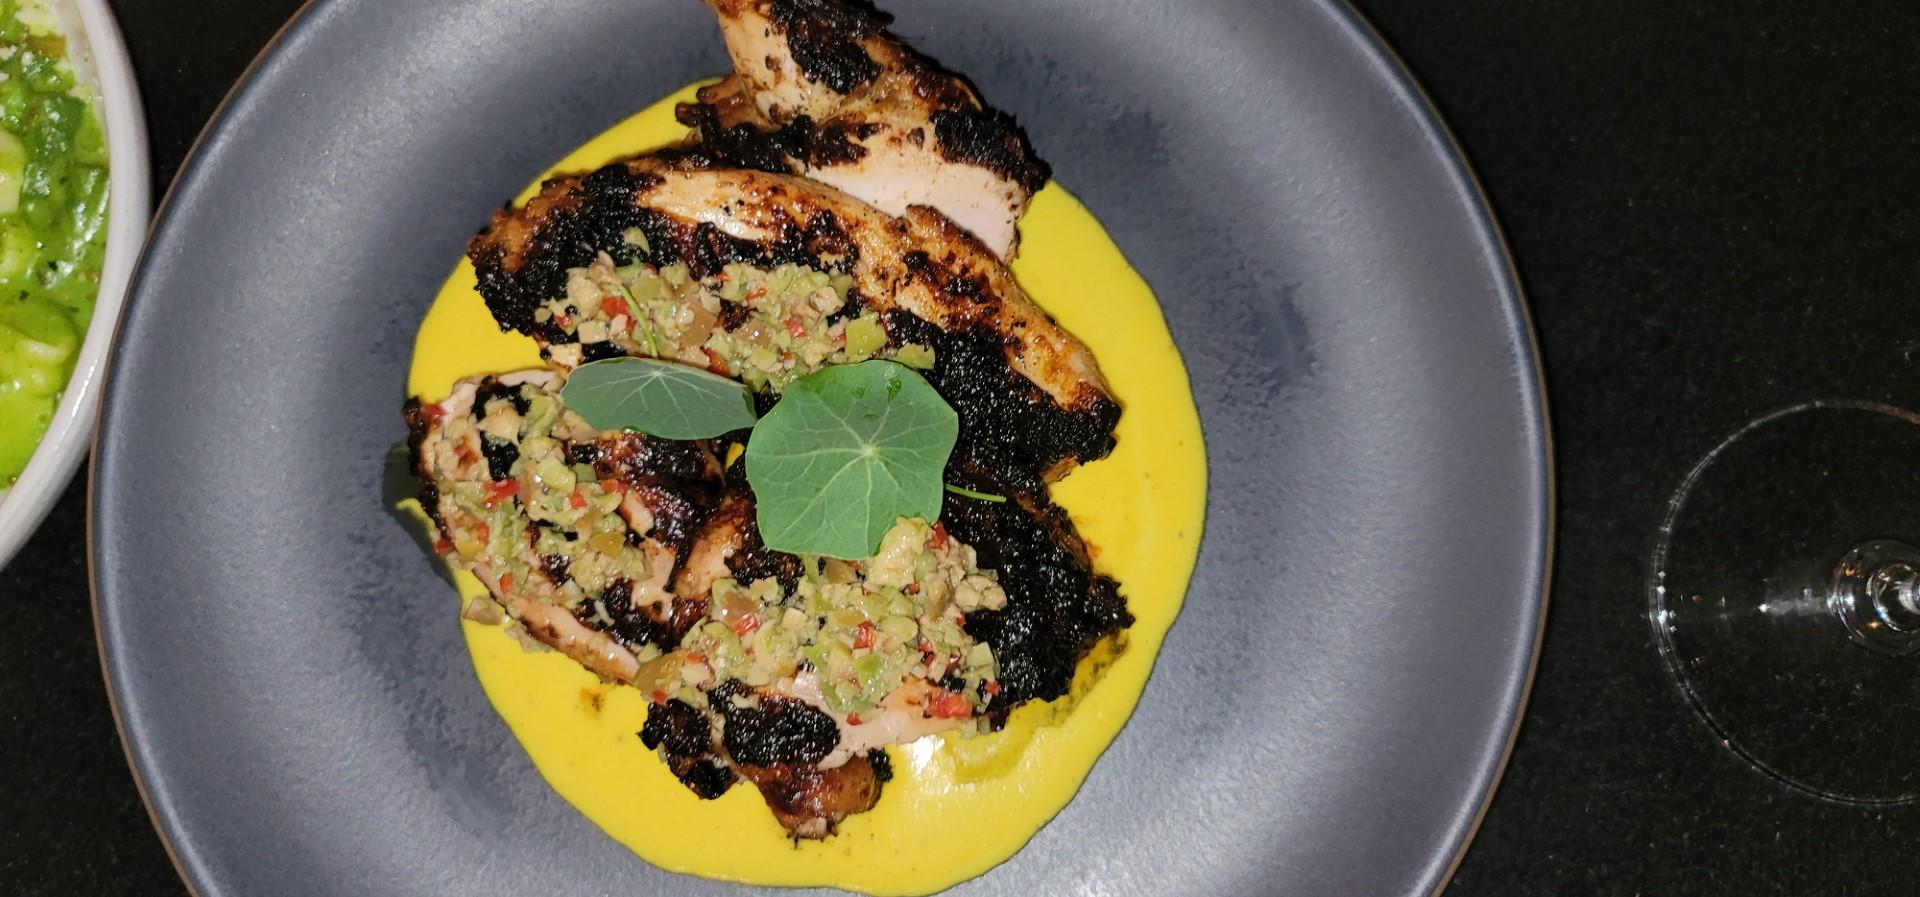 half chicken on plate